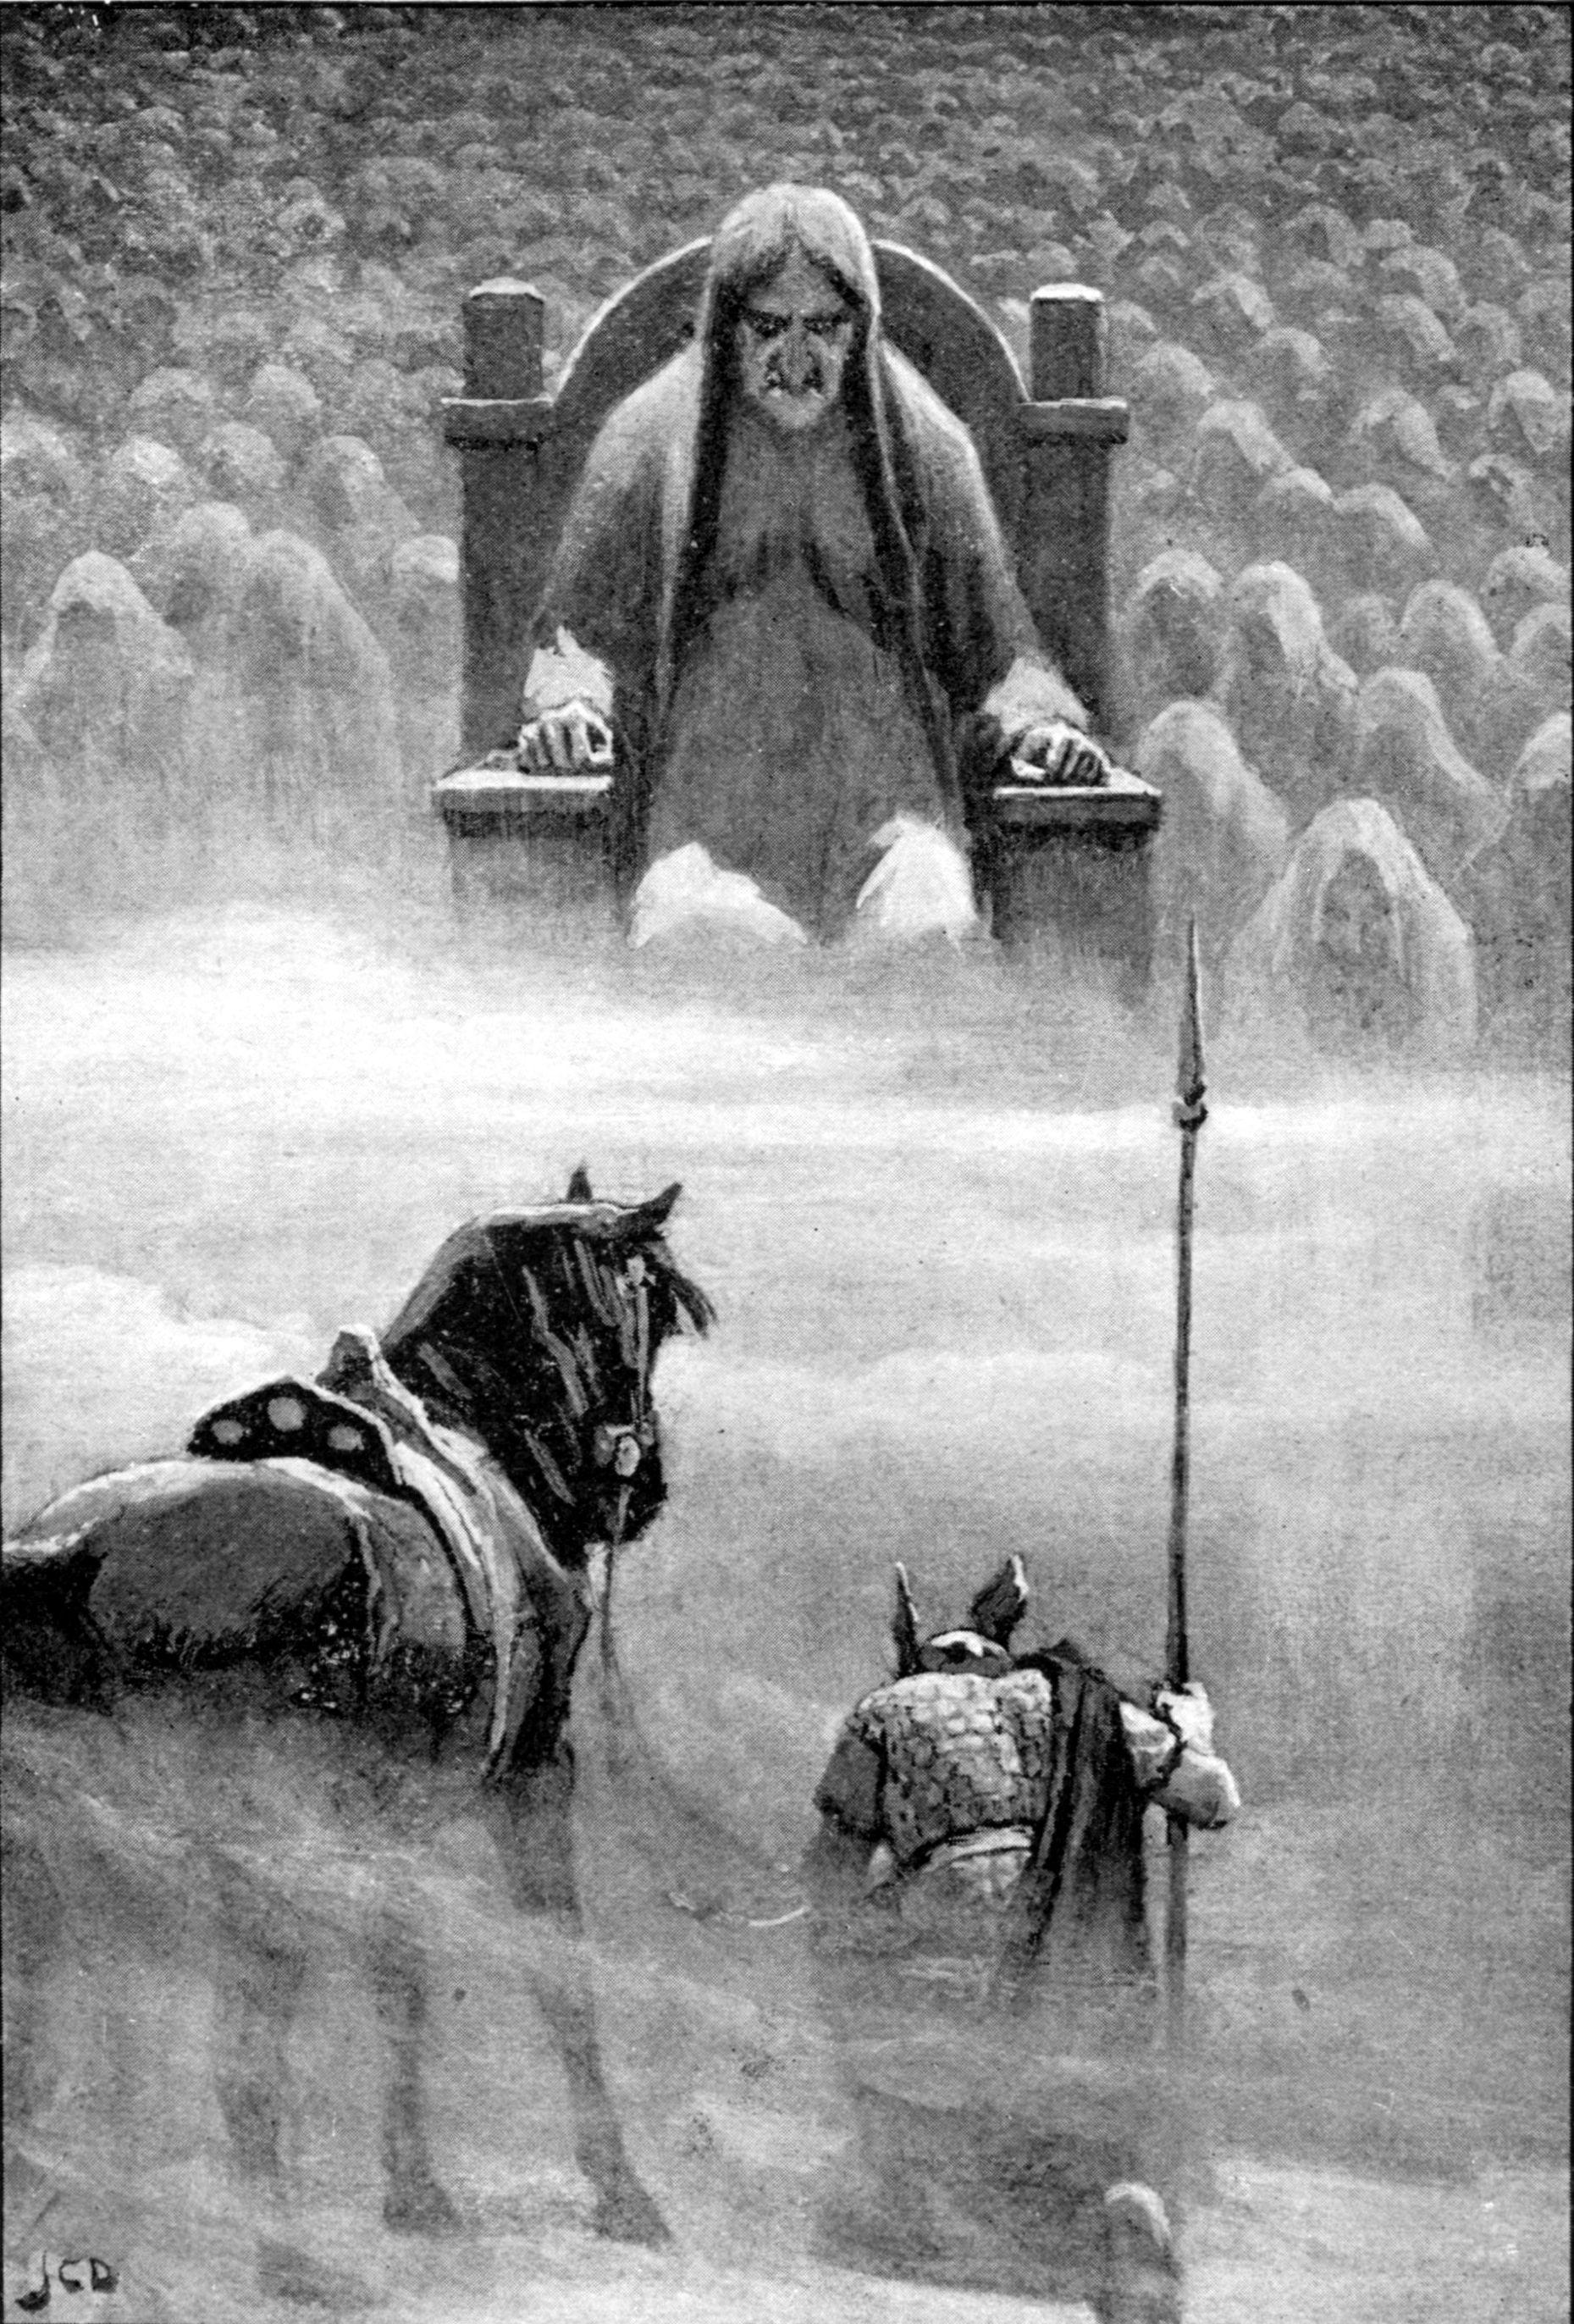 Hermod ante Hel ilustración del libro Myths of the Norsemen from the Eddas and Sagas de HA Guerber 1909.